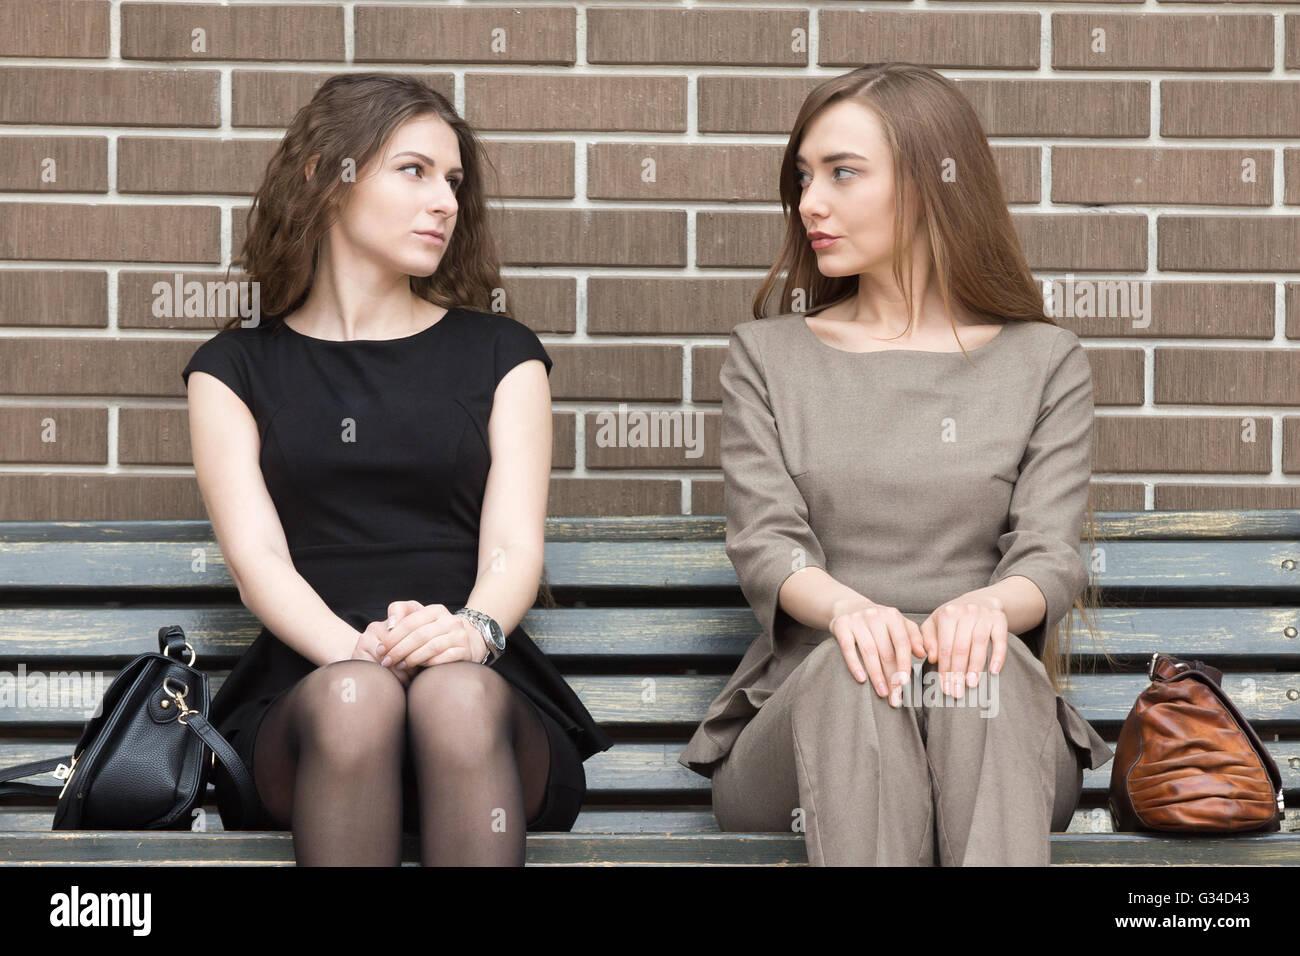 Porträt von zwei schönen jungen Frau Rivalen auf Bank sitzen nebeneinander und sahen einander mit anspruchsvollen Stockbild